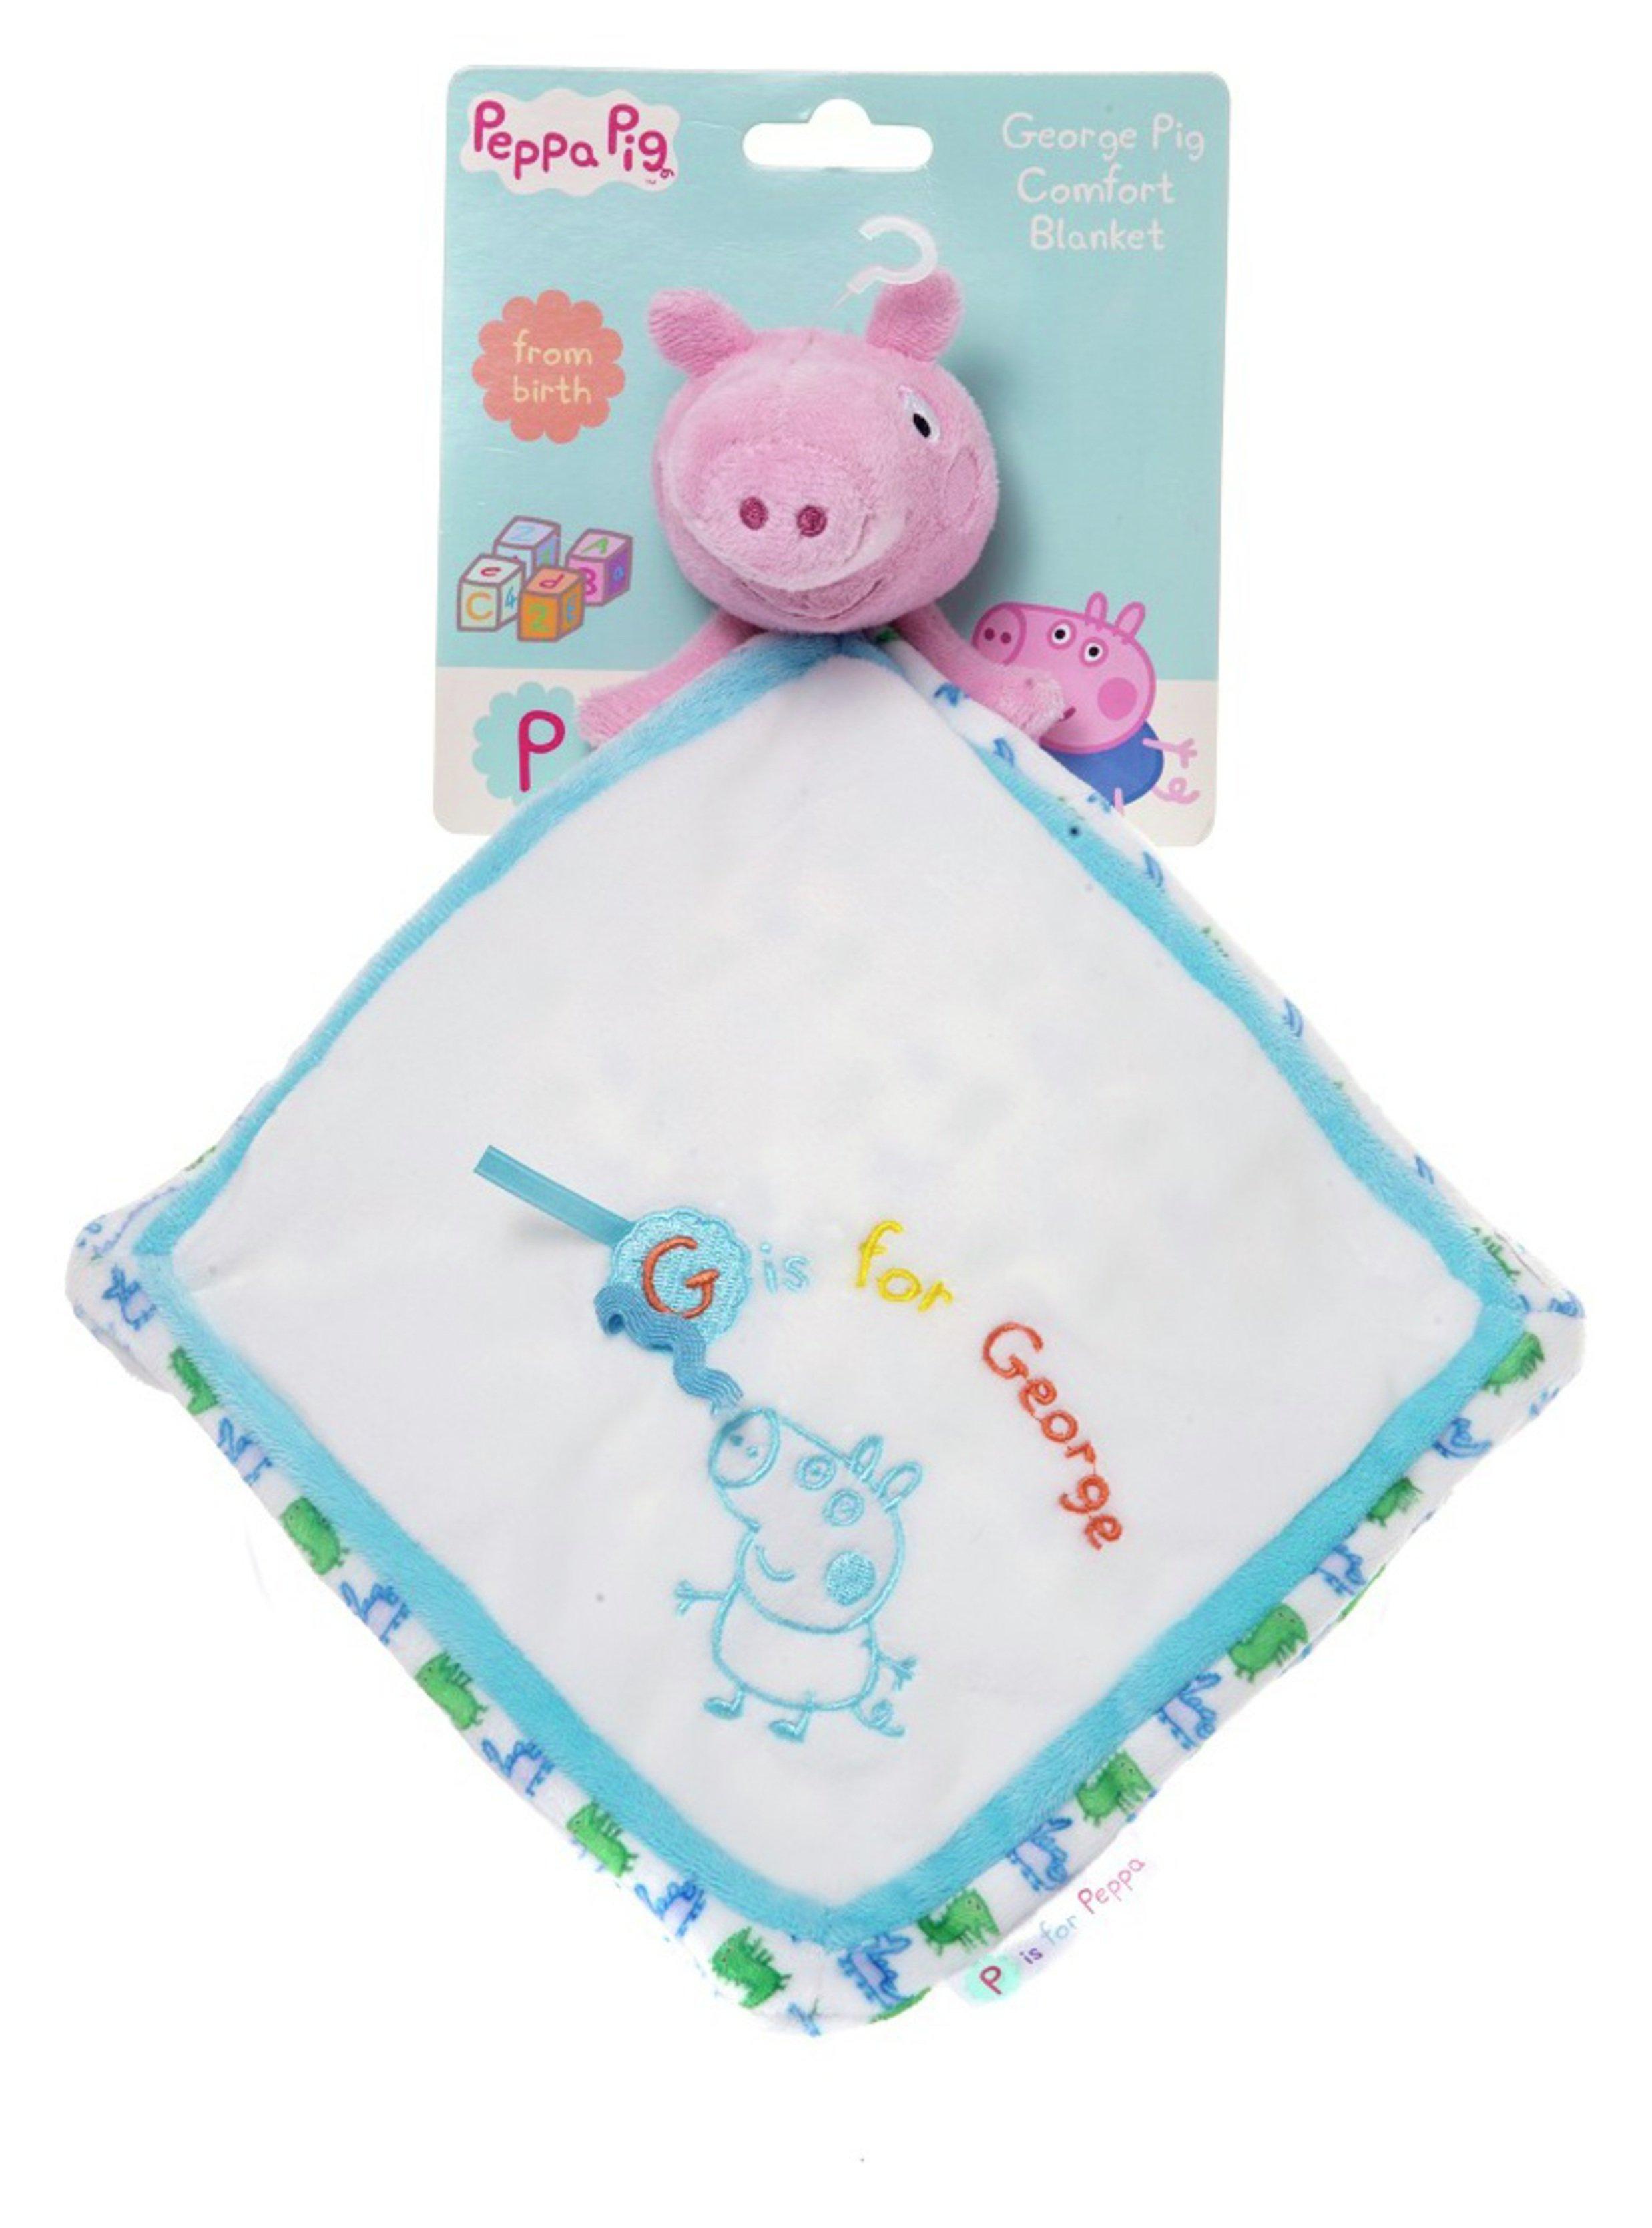 peppa pig  for baby  george pig  comfort blanket